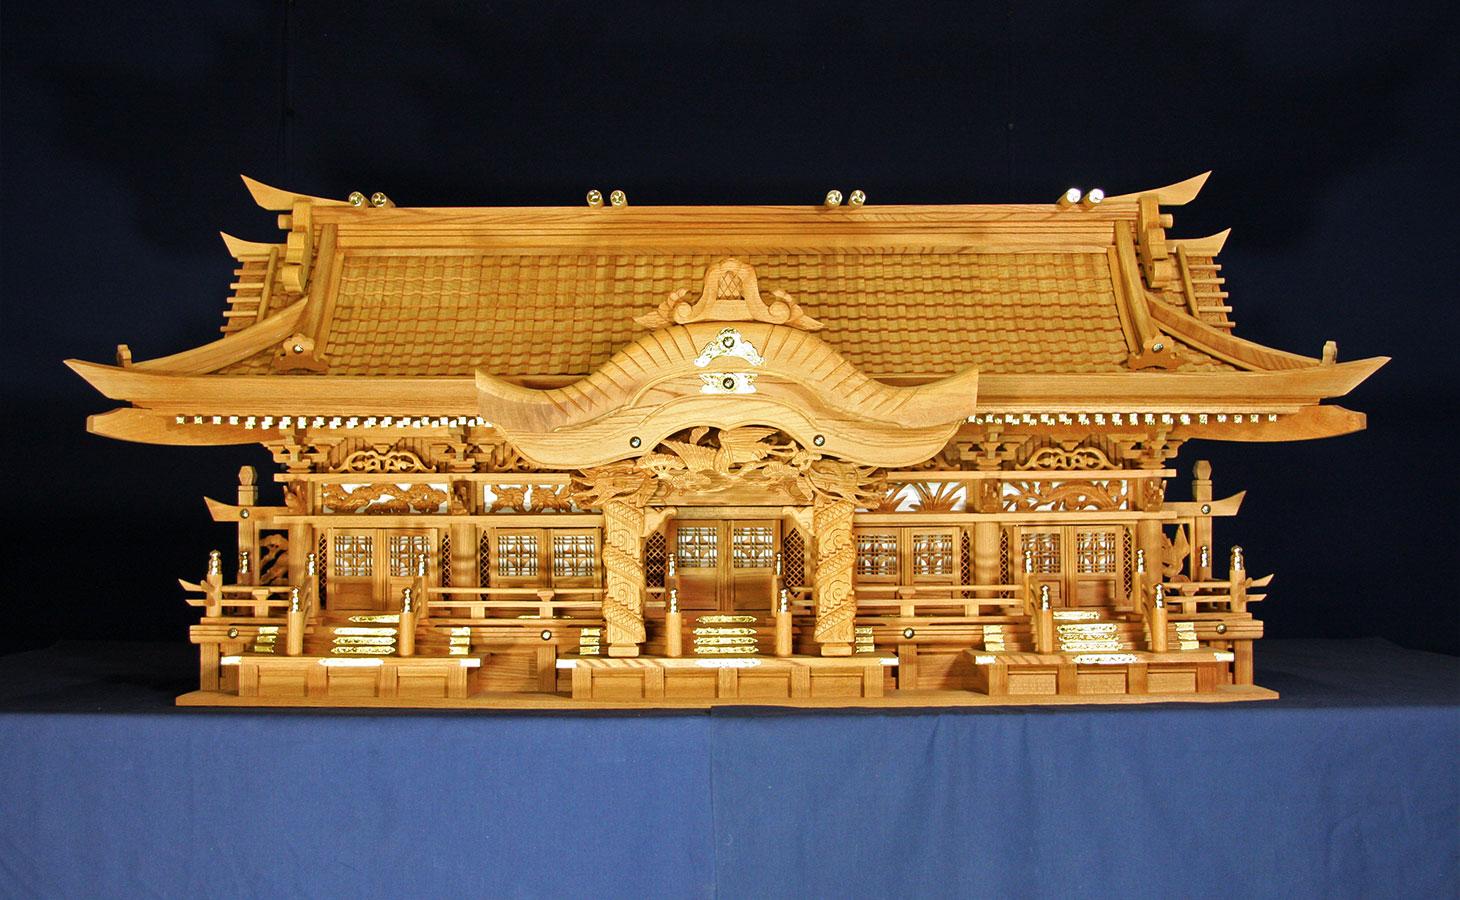 Kamidana the god shelves